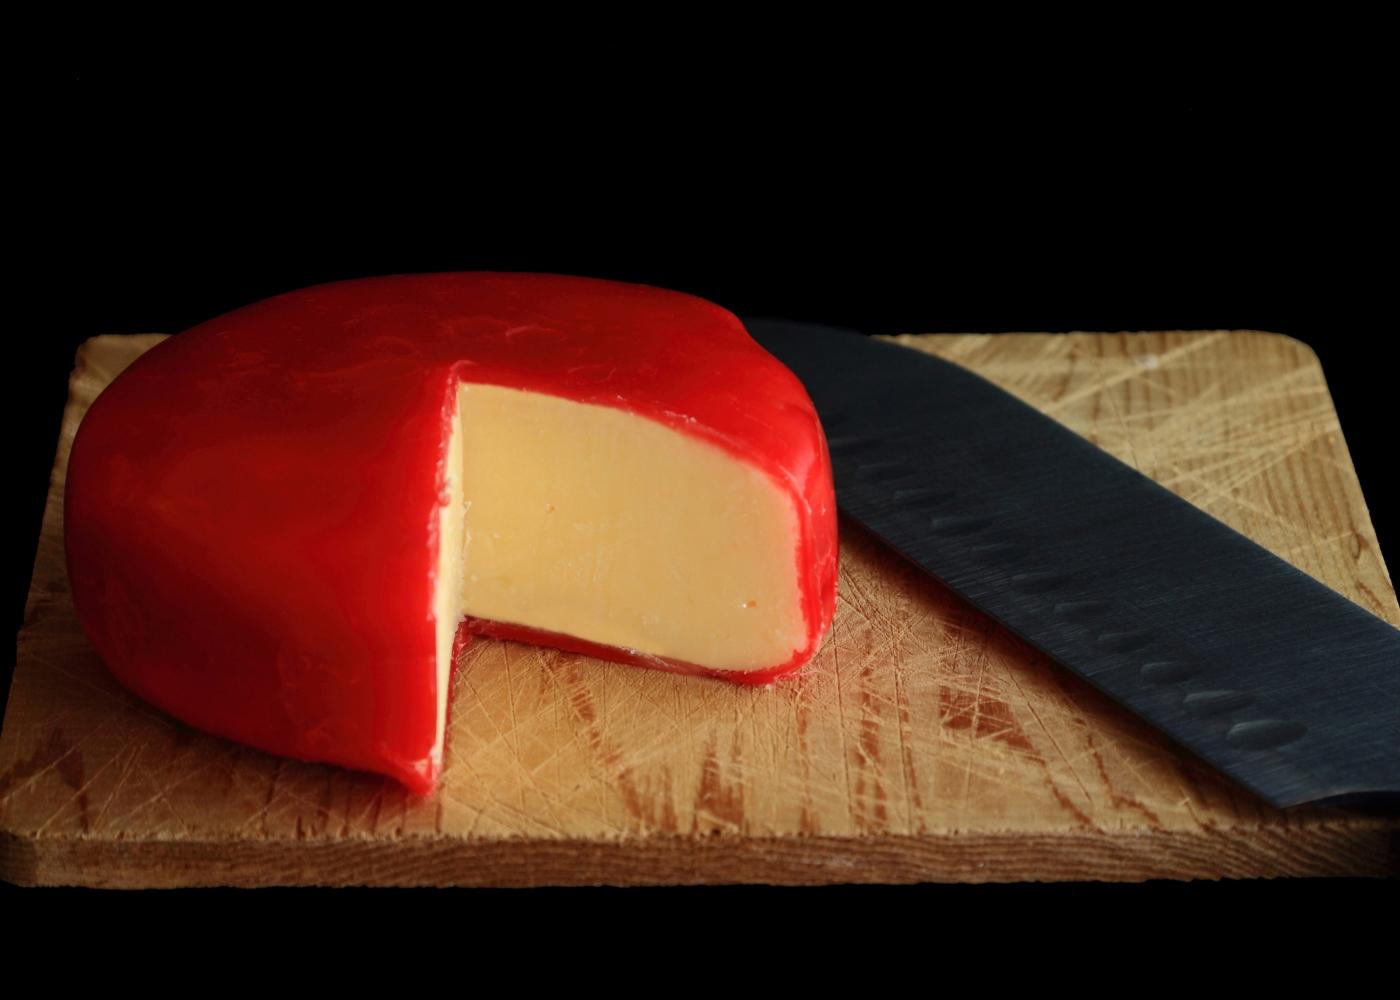 Bola de queijo flamengo